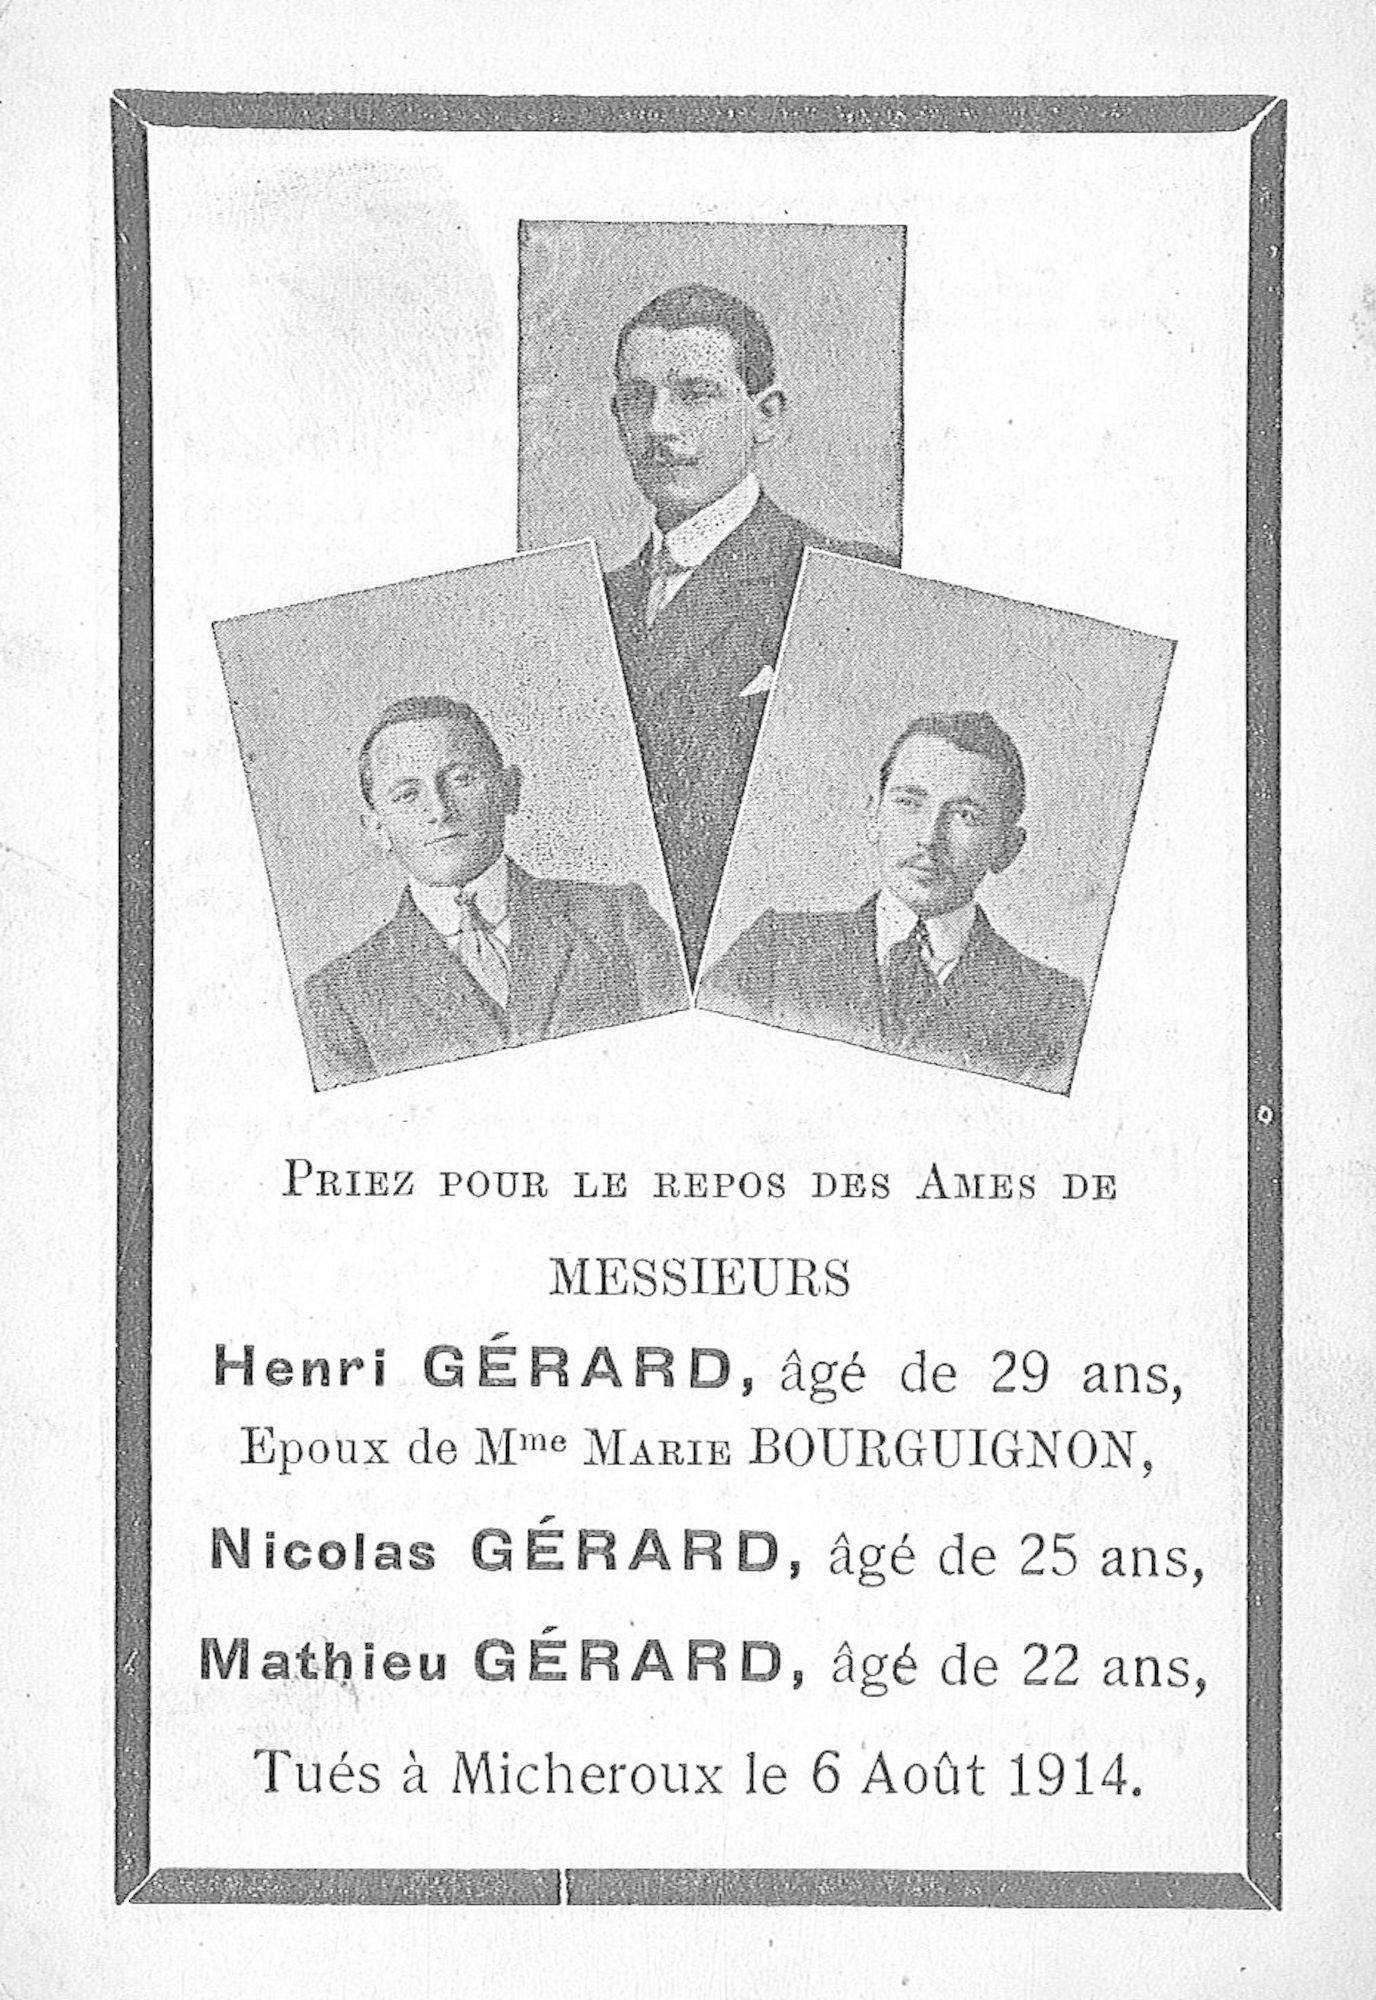 Mathieu Gérard